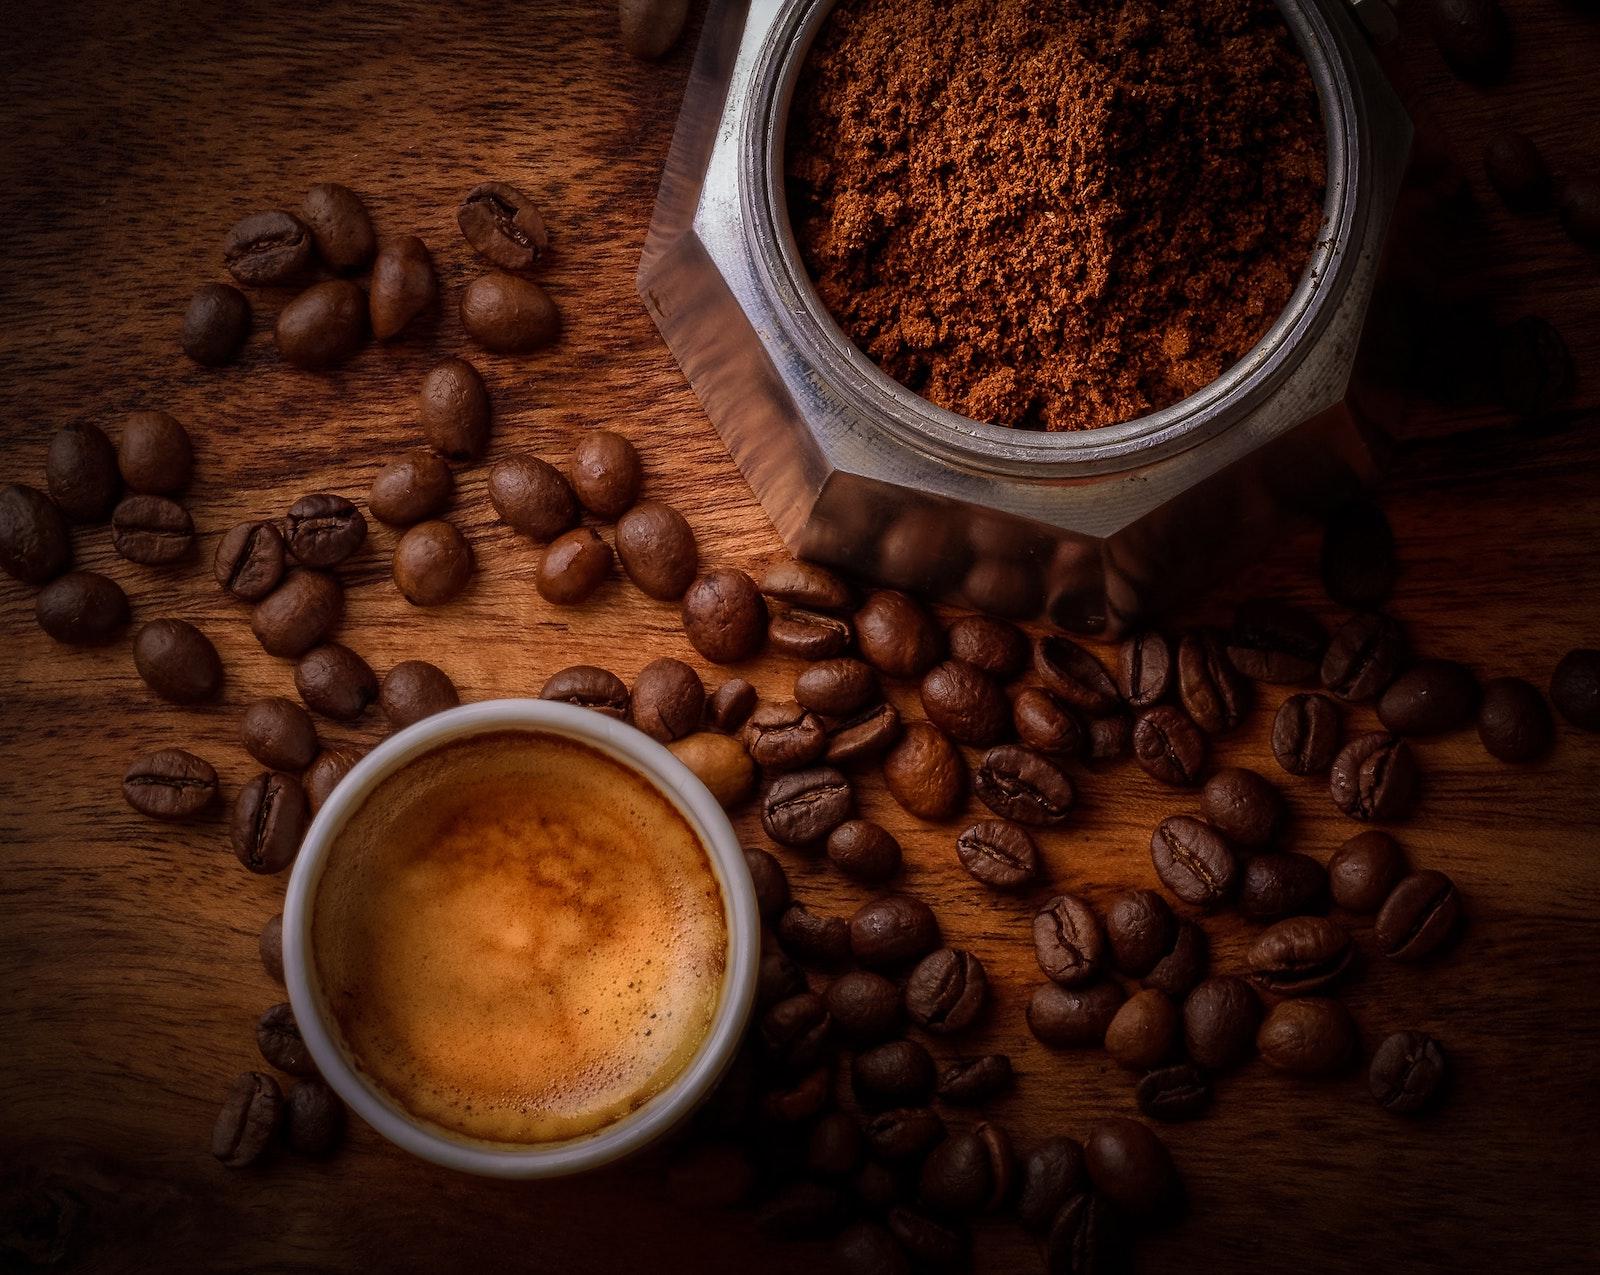 Jak parzyć kawę, parzenie kawy, parzyć kawę, zaparzać kawę, parzenie kawy, jak zaparzać kawę, zaparzanie dobrej kawy, zaparzyć kawkę